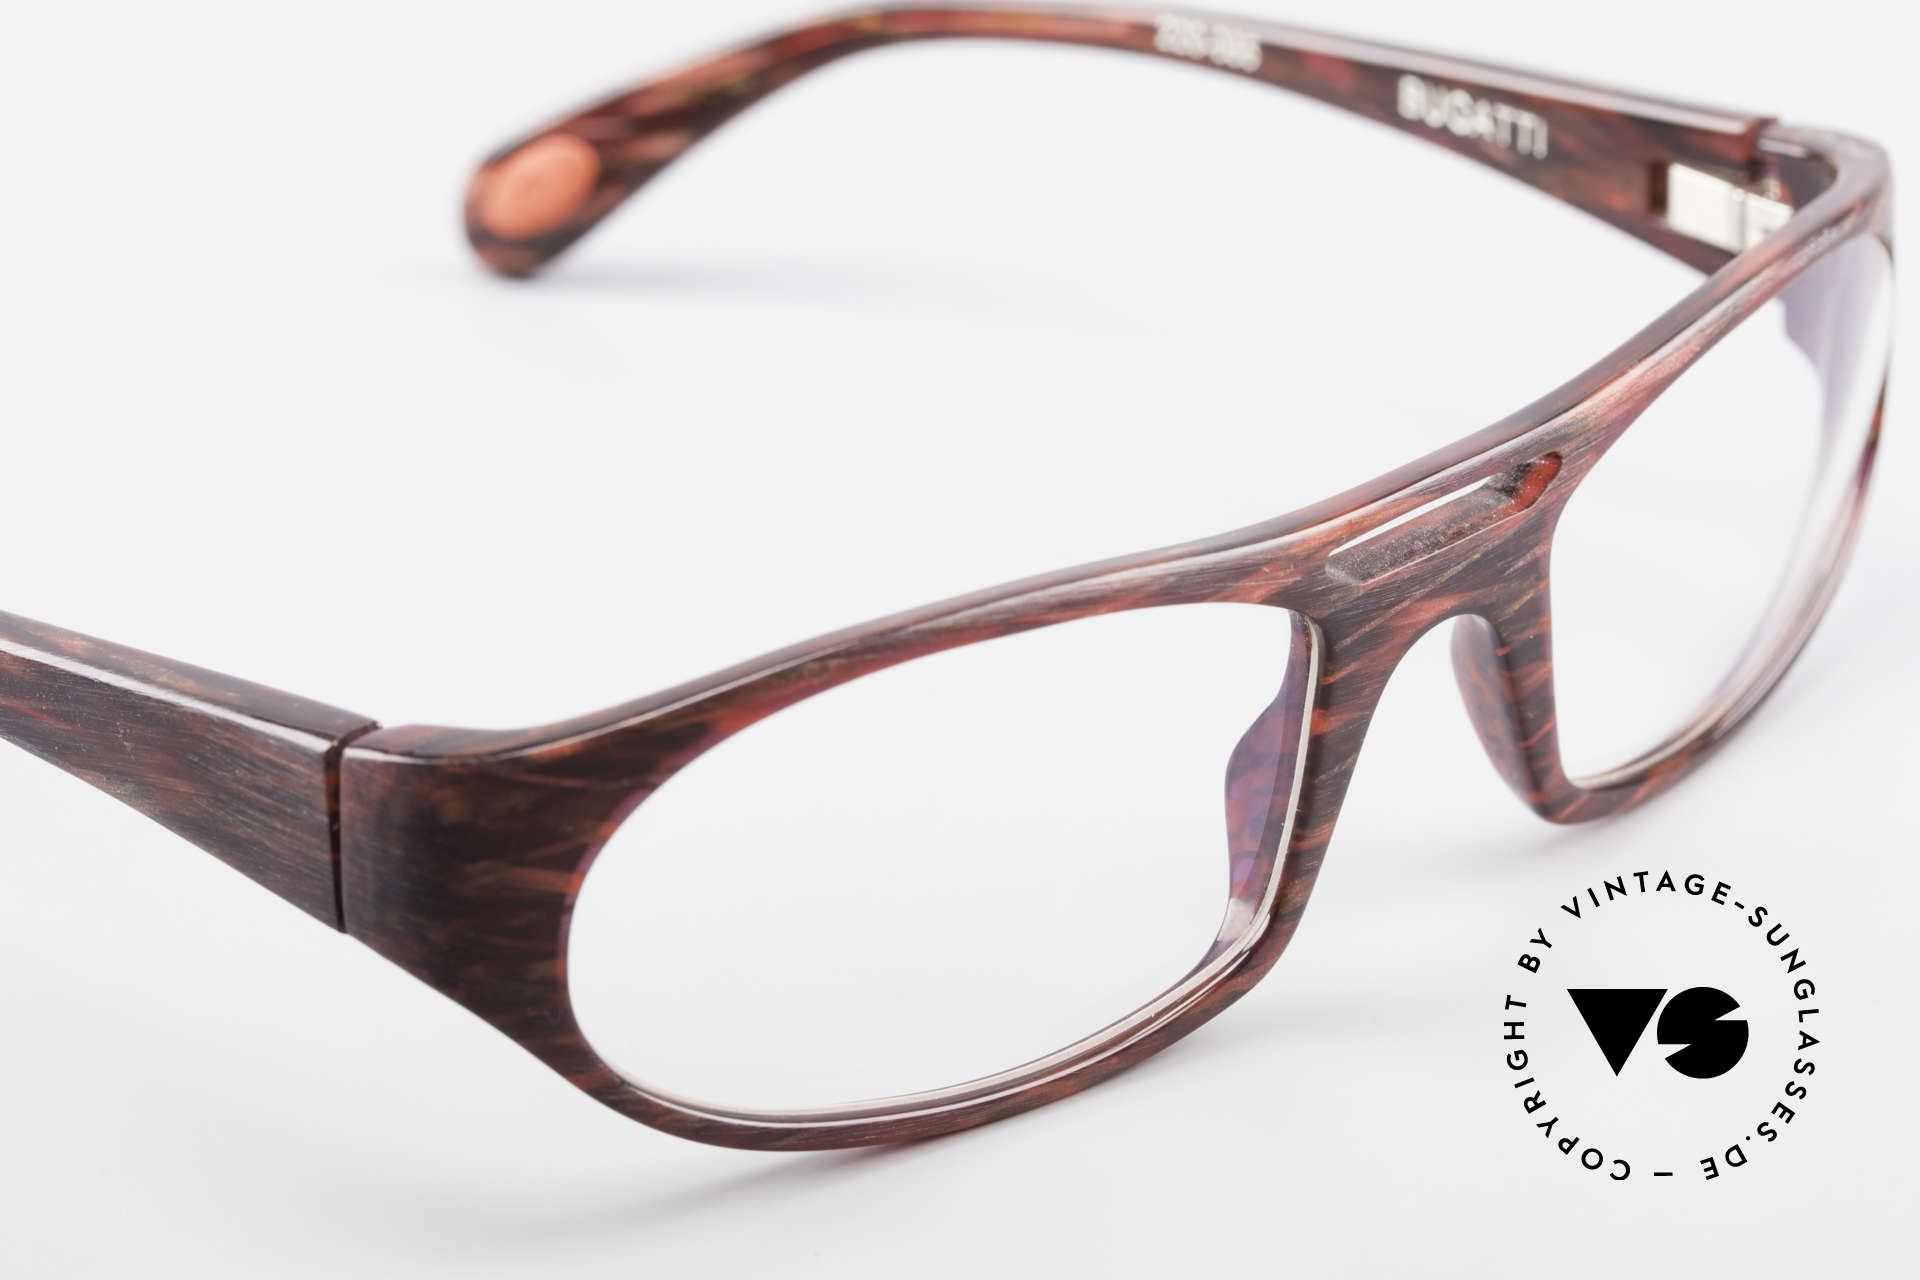 Bugatti 220 Rare Designer Luxury Glasses, the frame is made for optical lenses / sun lenses, Made for Men